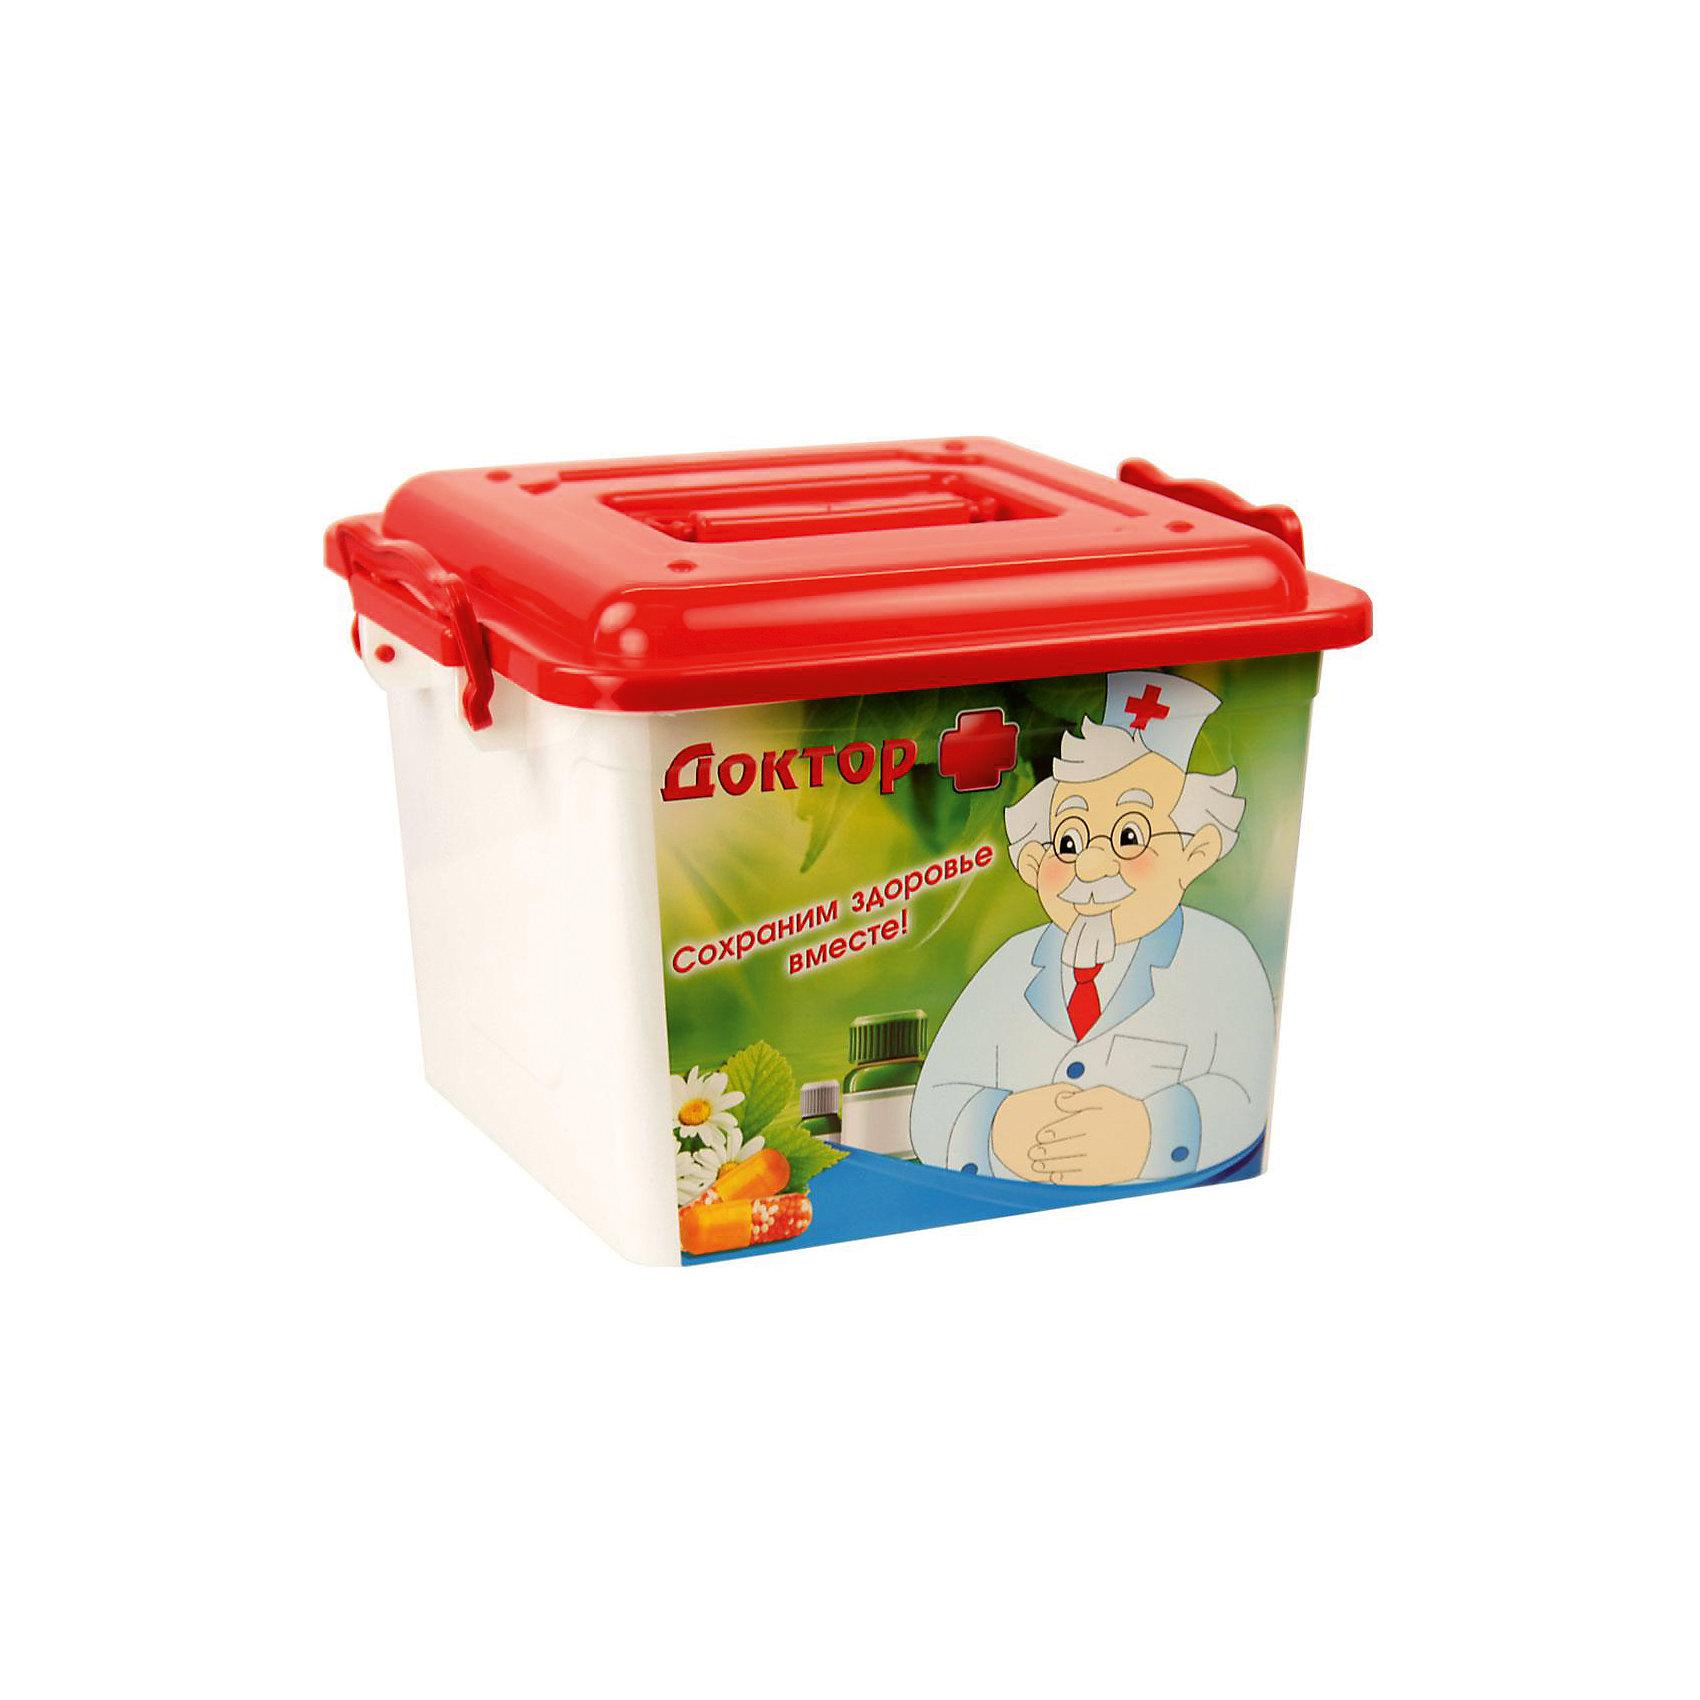 Контейнер Доктор + 8,5л. квадратный , AlternativaХарактеристики:<br><br>• Предназначение: для хранения игрушек, для хозяйственных нужд<br>• Цвет: зима<br>• Пол: универсальный<br>• Материал: пластик<br>• Цвет: красный, зеленый, белый<br>• Размер (Д*Ш*В): 38,5*26,5*21 см<br>• Вместимость (объем): 8,5 л<br>• Вес: 450 г<br>• Форма: квадратный<br>• Наличие крышки с ручками<br>• Особенности ухода: разрешается мыть теплой водой<br><br>Контейнер Доктор + 8,5 л квадратный, Alternativa изготовлен отечественным производителем ООО ЗПИ Альтернатива, который специализируется на выпуске широкого спектра изделий из пластика. <br>Контейнер выполнен из экологически безопасного прозрачного пластика, устойчивого к механическим повреждениям, корпус оформлен яркими устойчивыми картинками, в комплекте имеется крышка с удобными для переноса ручками. Изделие можно использовать как для хранения игрушек, так и для разных хозяйственных нужд. Контейнер Доктор + 8,5 л квадратный, Alternativa вместительный, но при этом обладает легким весом.<br><br>Контейнер Доктор + 8,5 л квадратный, Alternativa можно купить в нашем интернет-магазине.<br><br>Ширина мм: 270<br>Глубина мм: 270<br>Высота мм: 200<br>Вес г: 415<br>Возраст от месяцев: 6<br>Возраст до месяцев: 84<br>Пол: Унисекс<br>Возраст: Детский<br>SKU: 5096560